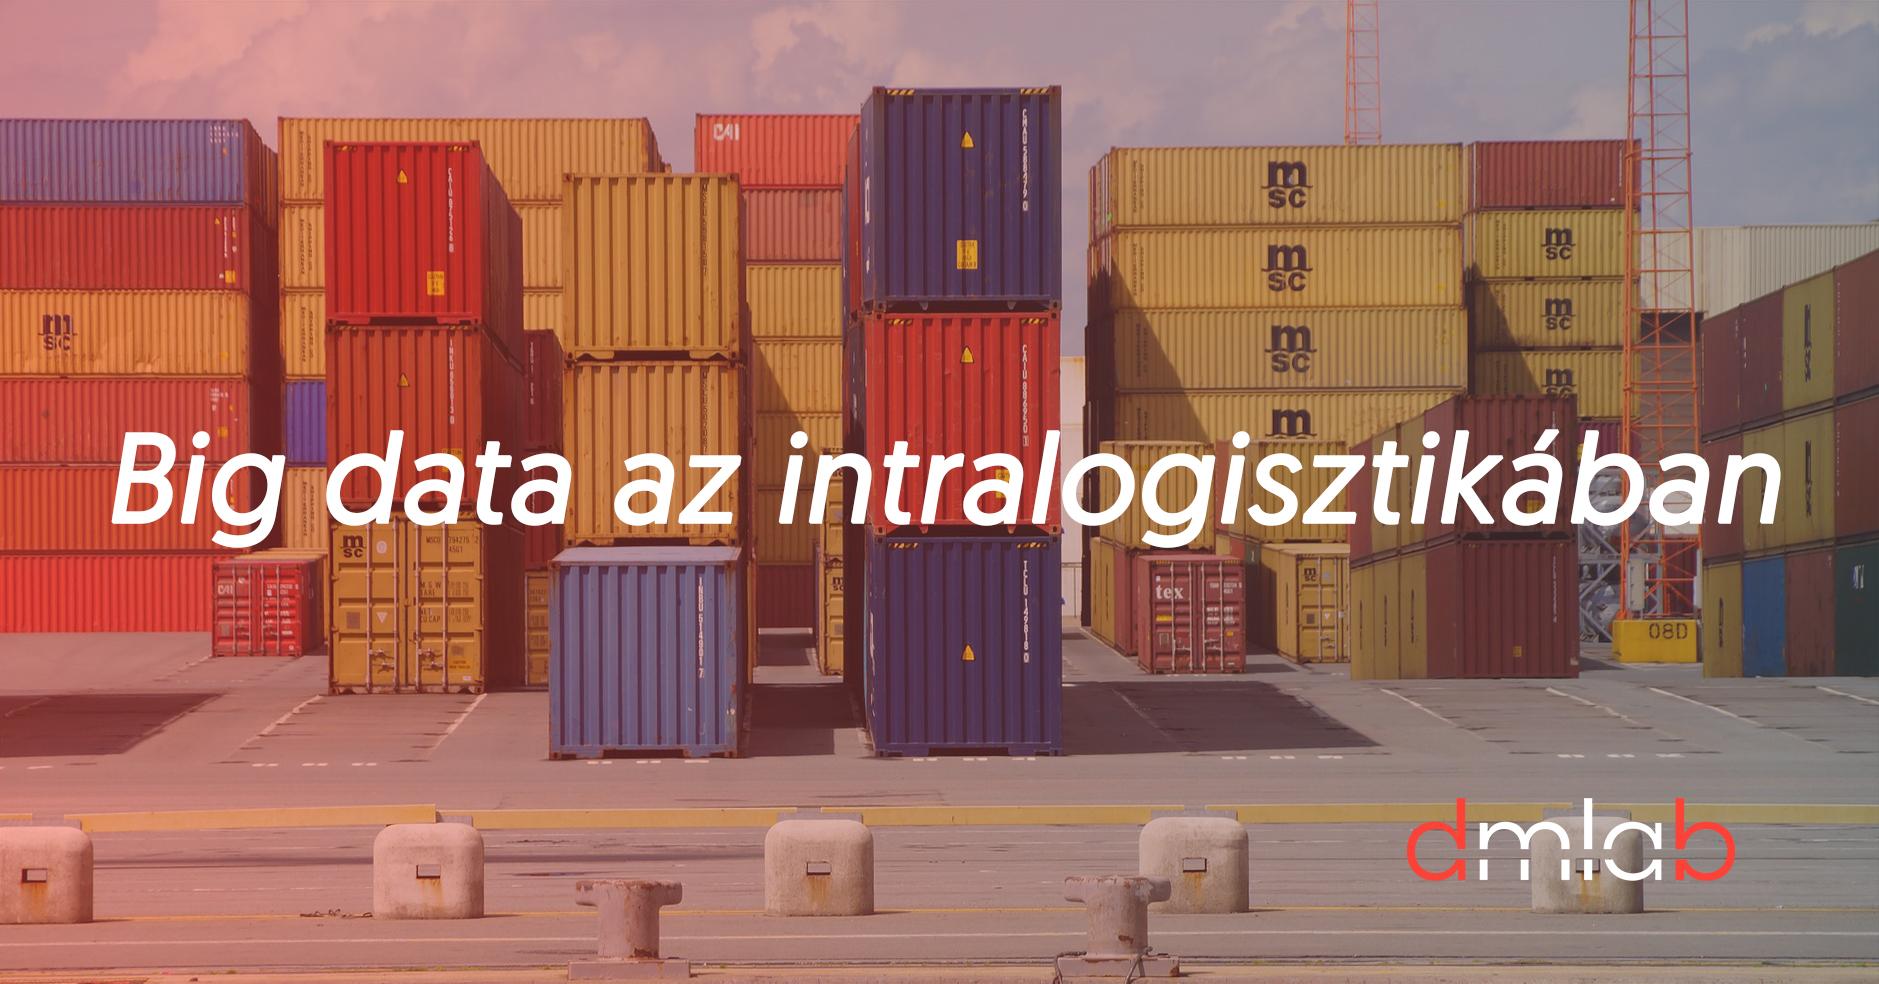 big_data_az_intralogisztika_ban_kicsi.jpg